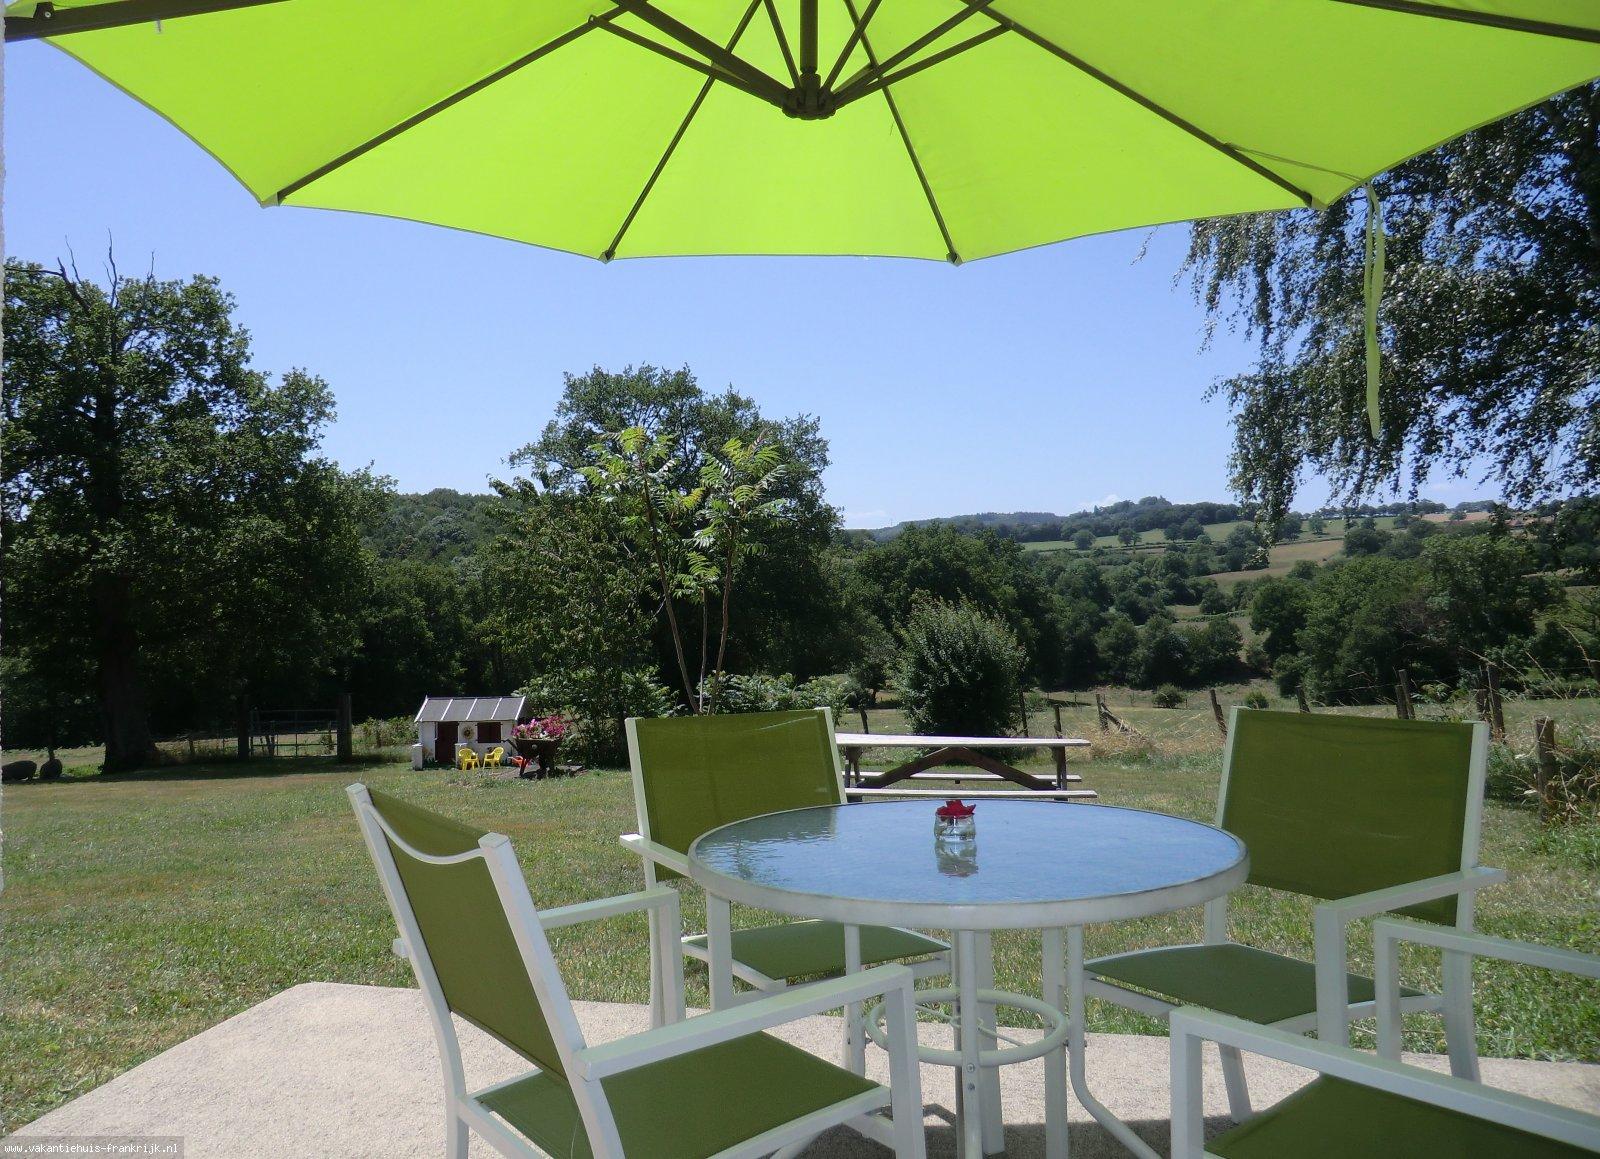 Vakantiehuis: Sans Parure; Een plek om weer op adem te komen. Gezellige vrijstaande vakantiehuisjes met een prachtig uitzicht over het Franse platteland. te huur voor uw vakantie in Puy de Dome (Frankrijk)